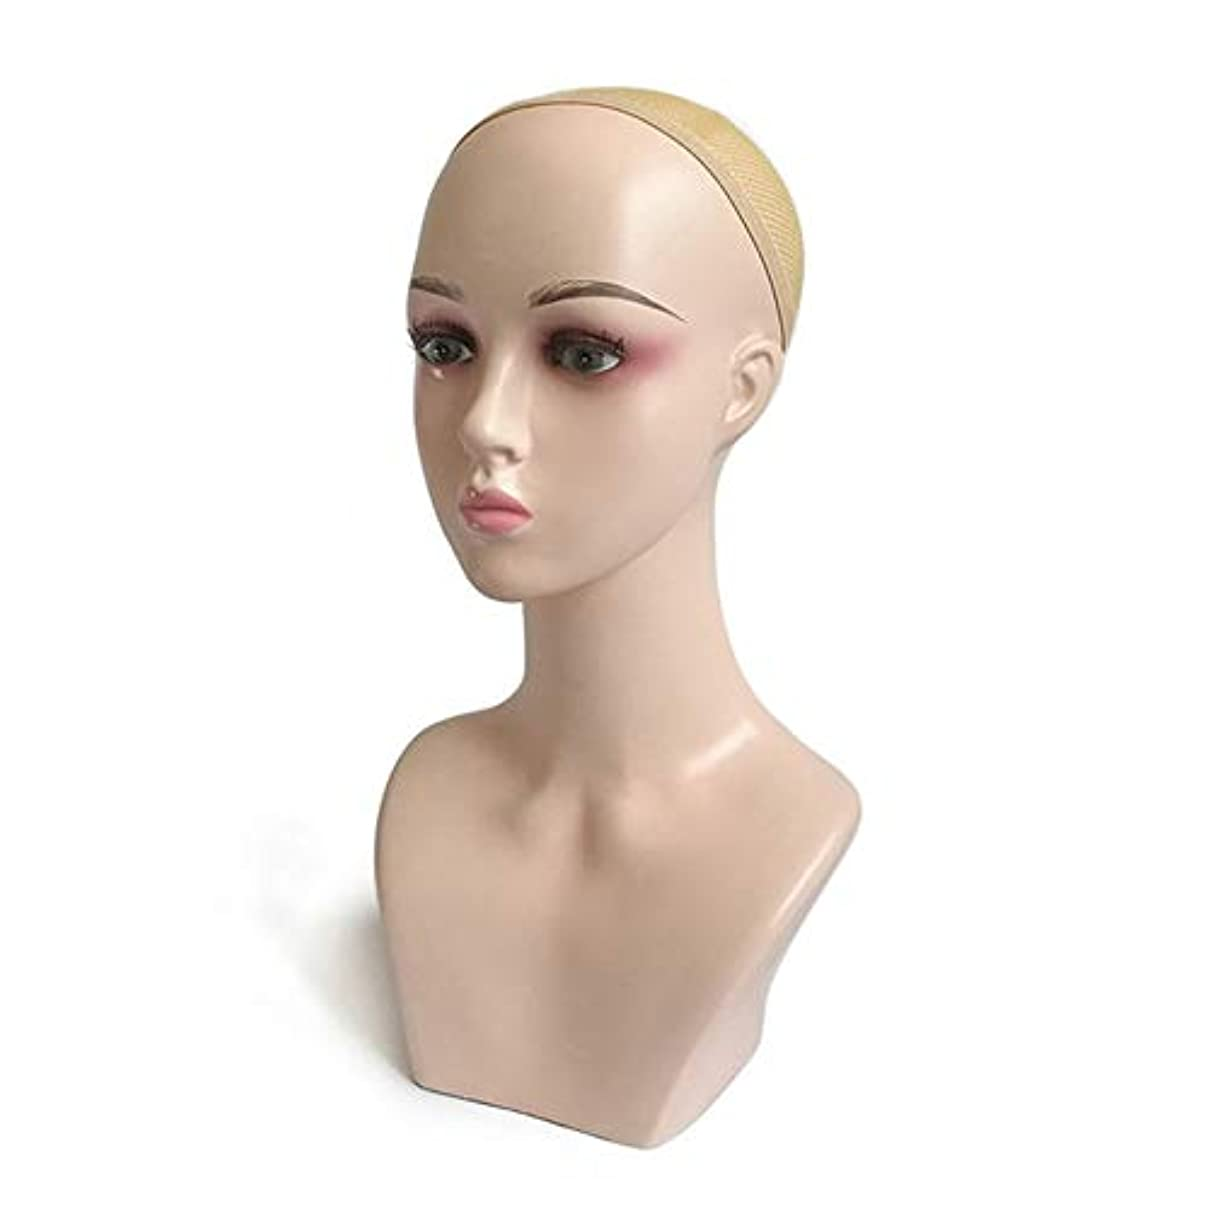 財団常習的結果としてウィッグヘッドモデルガールパウダーメイクショルダーモデルヘッドダミーヘッド女性モデルダイテーブルハットジュエリーブラケット